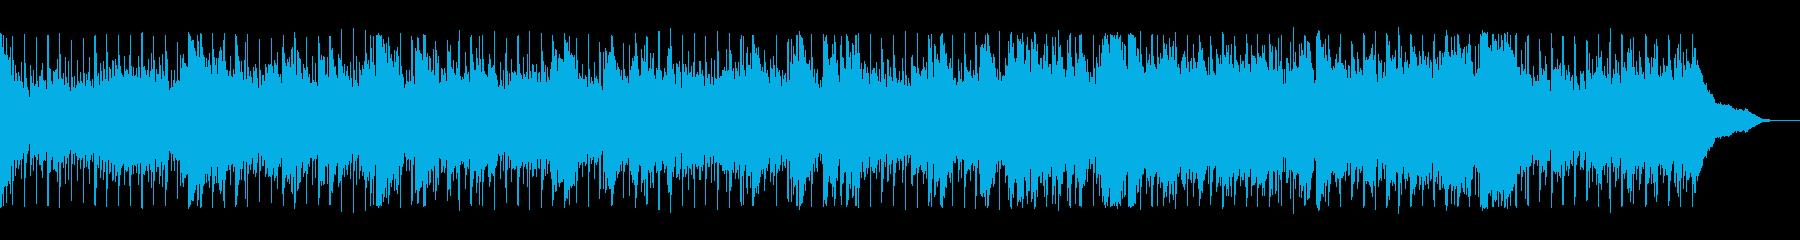 ギターとピアノのウエストコーストロックの再生済みの波形